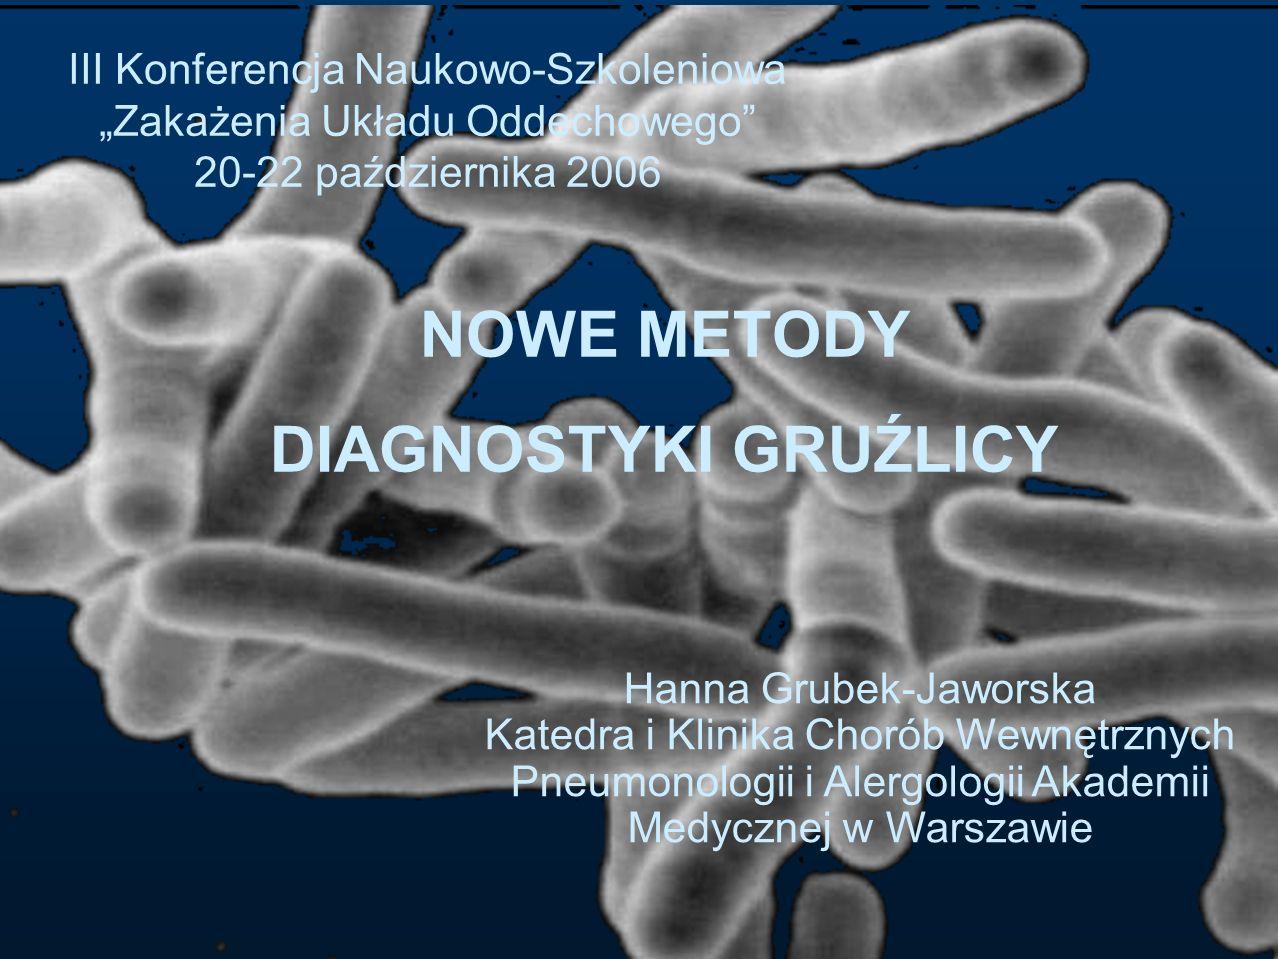 NOWE METODY DIAGNOSTYKI GRUŹLICY